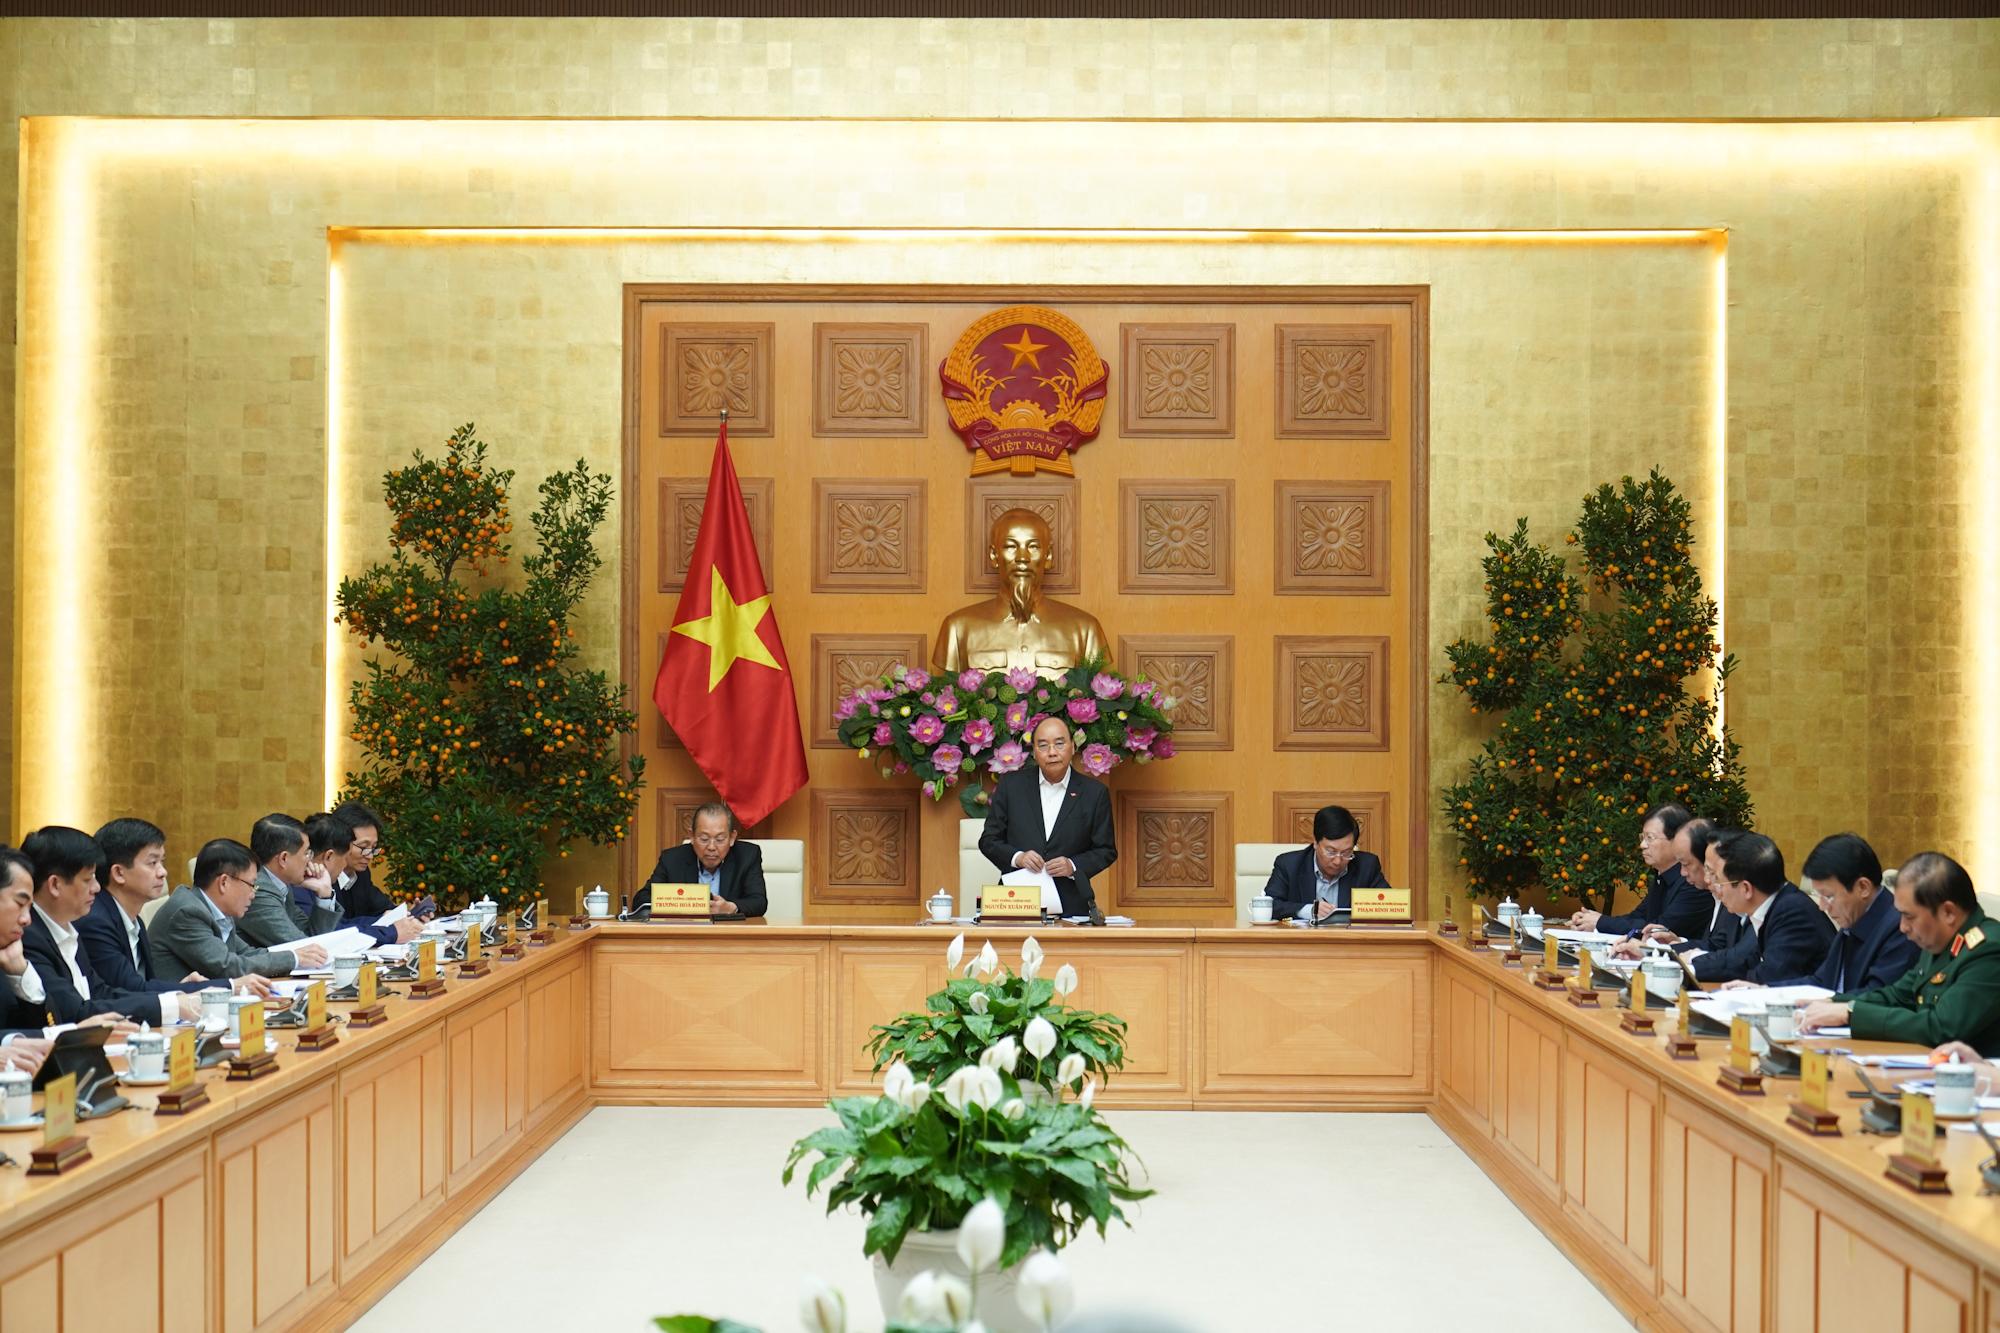 Thủ tướng Nguyễn Xuân Phúc chủ trì cuộc họp - Ảnh: Quang Hiếu/VGP